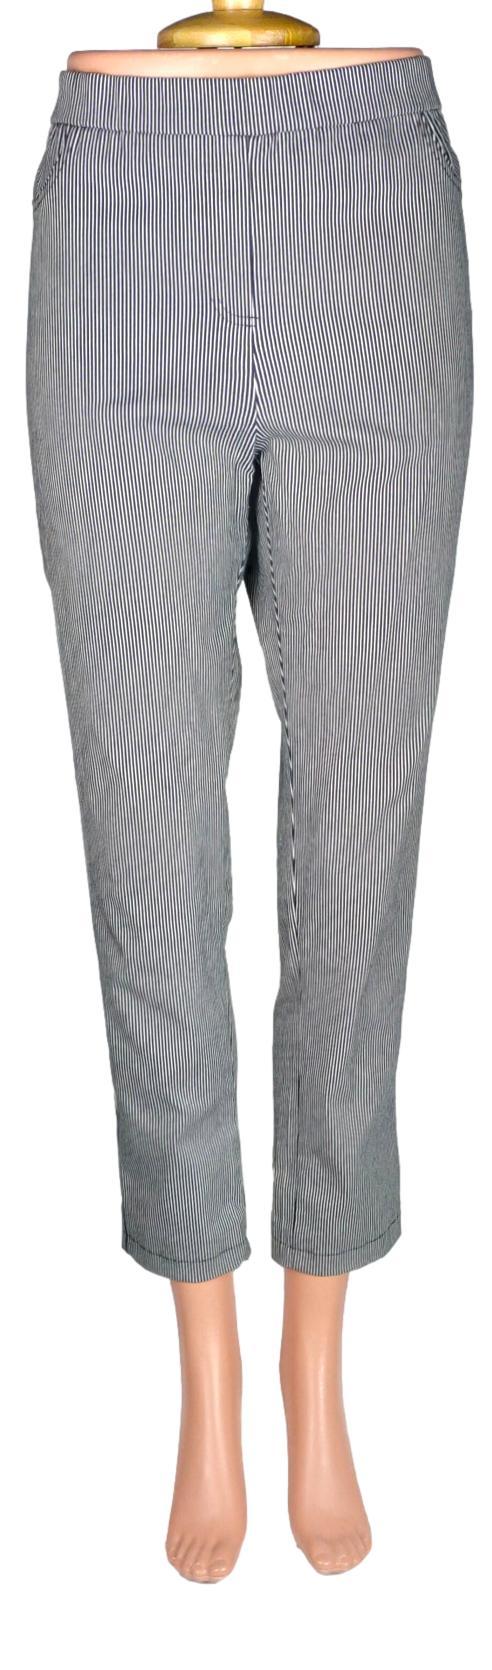 Pantalon OVS - Taille 44